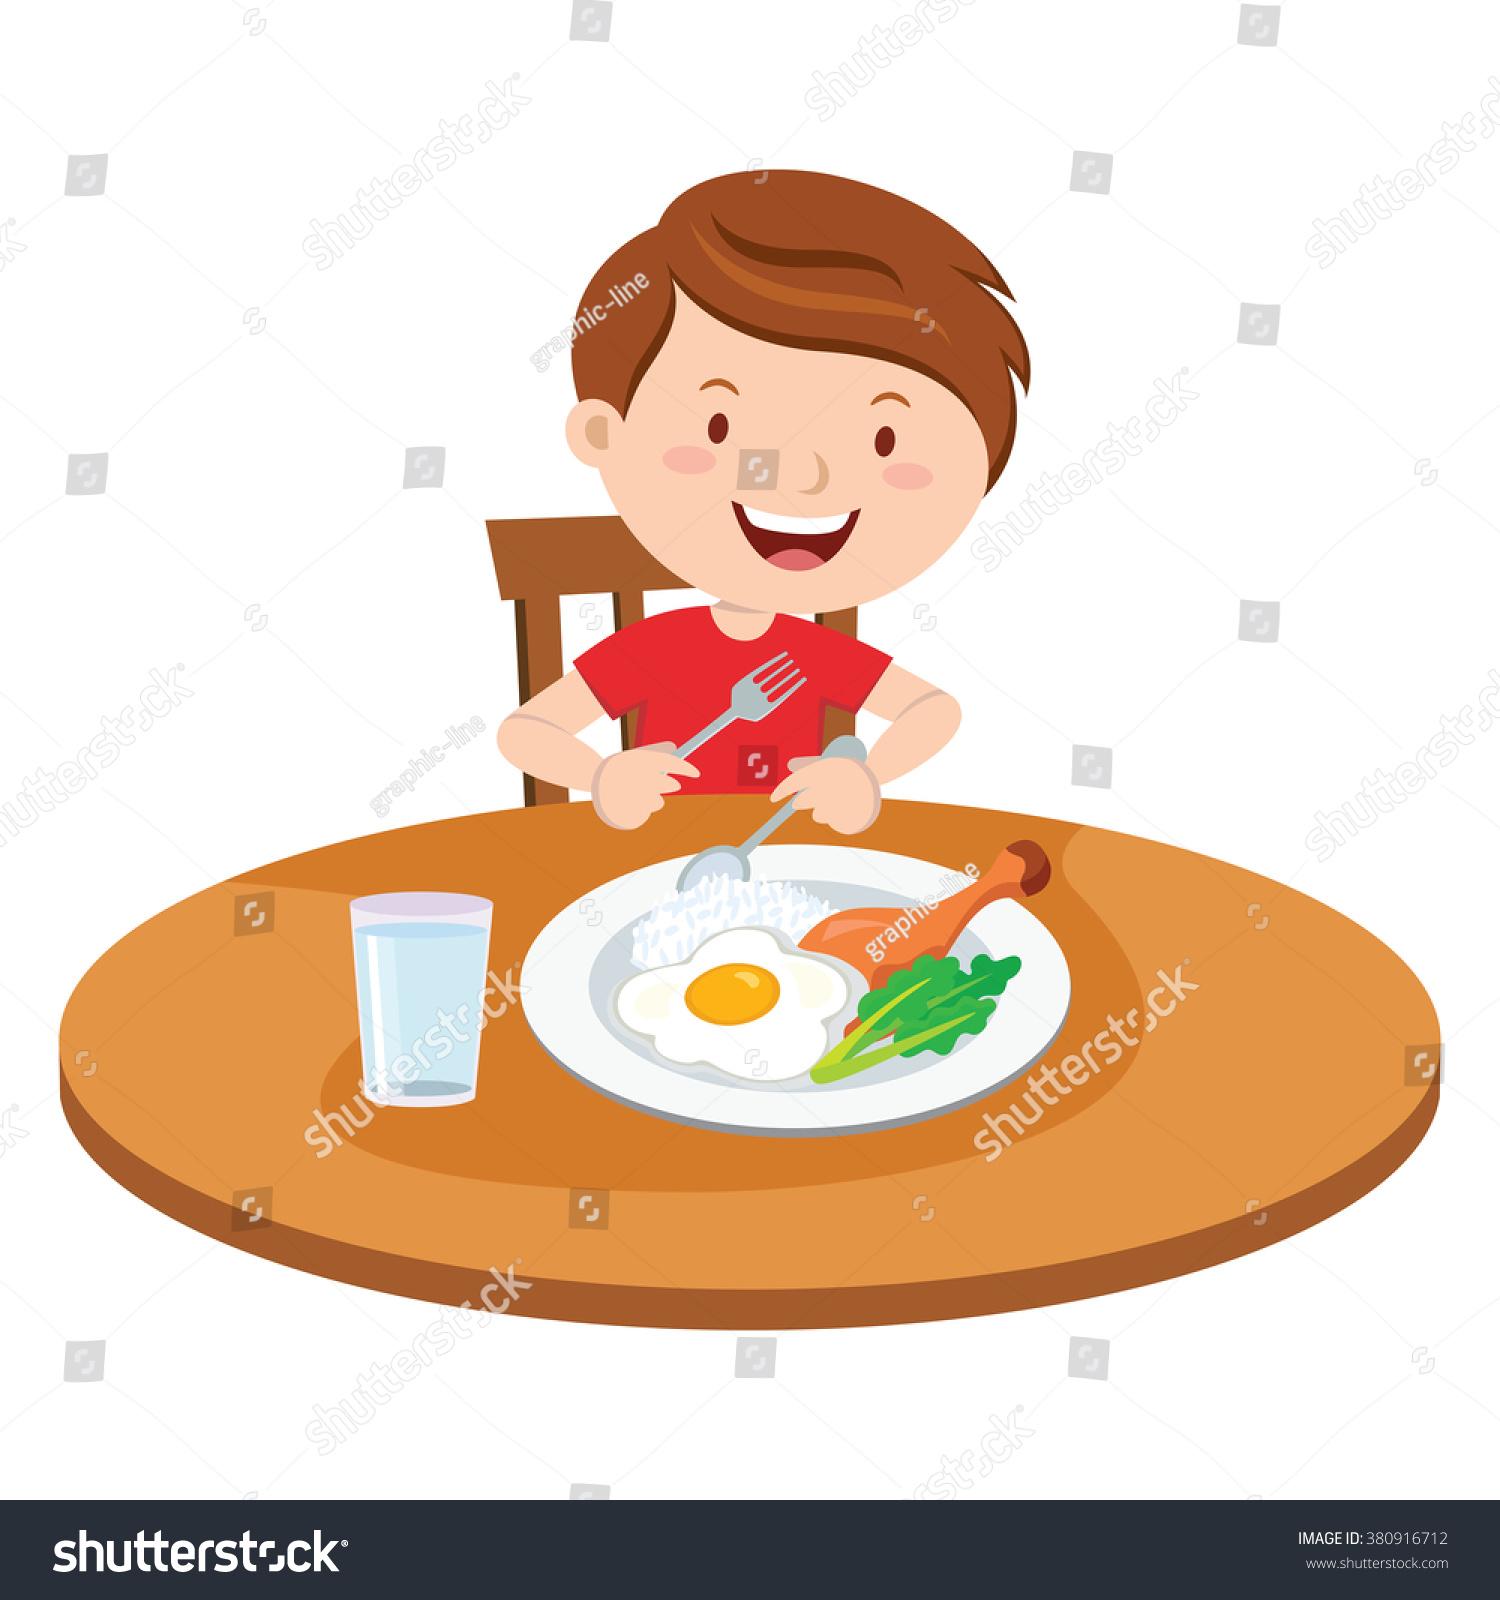 Image result for I like eating egg clipart